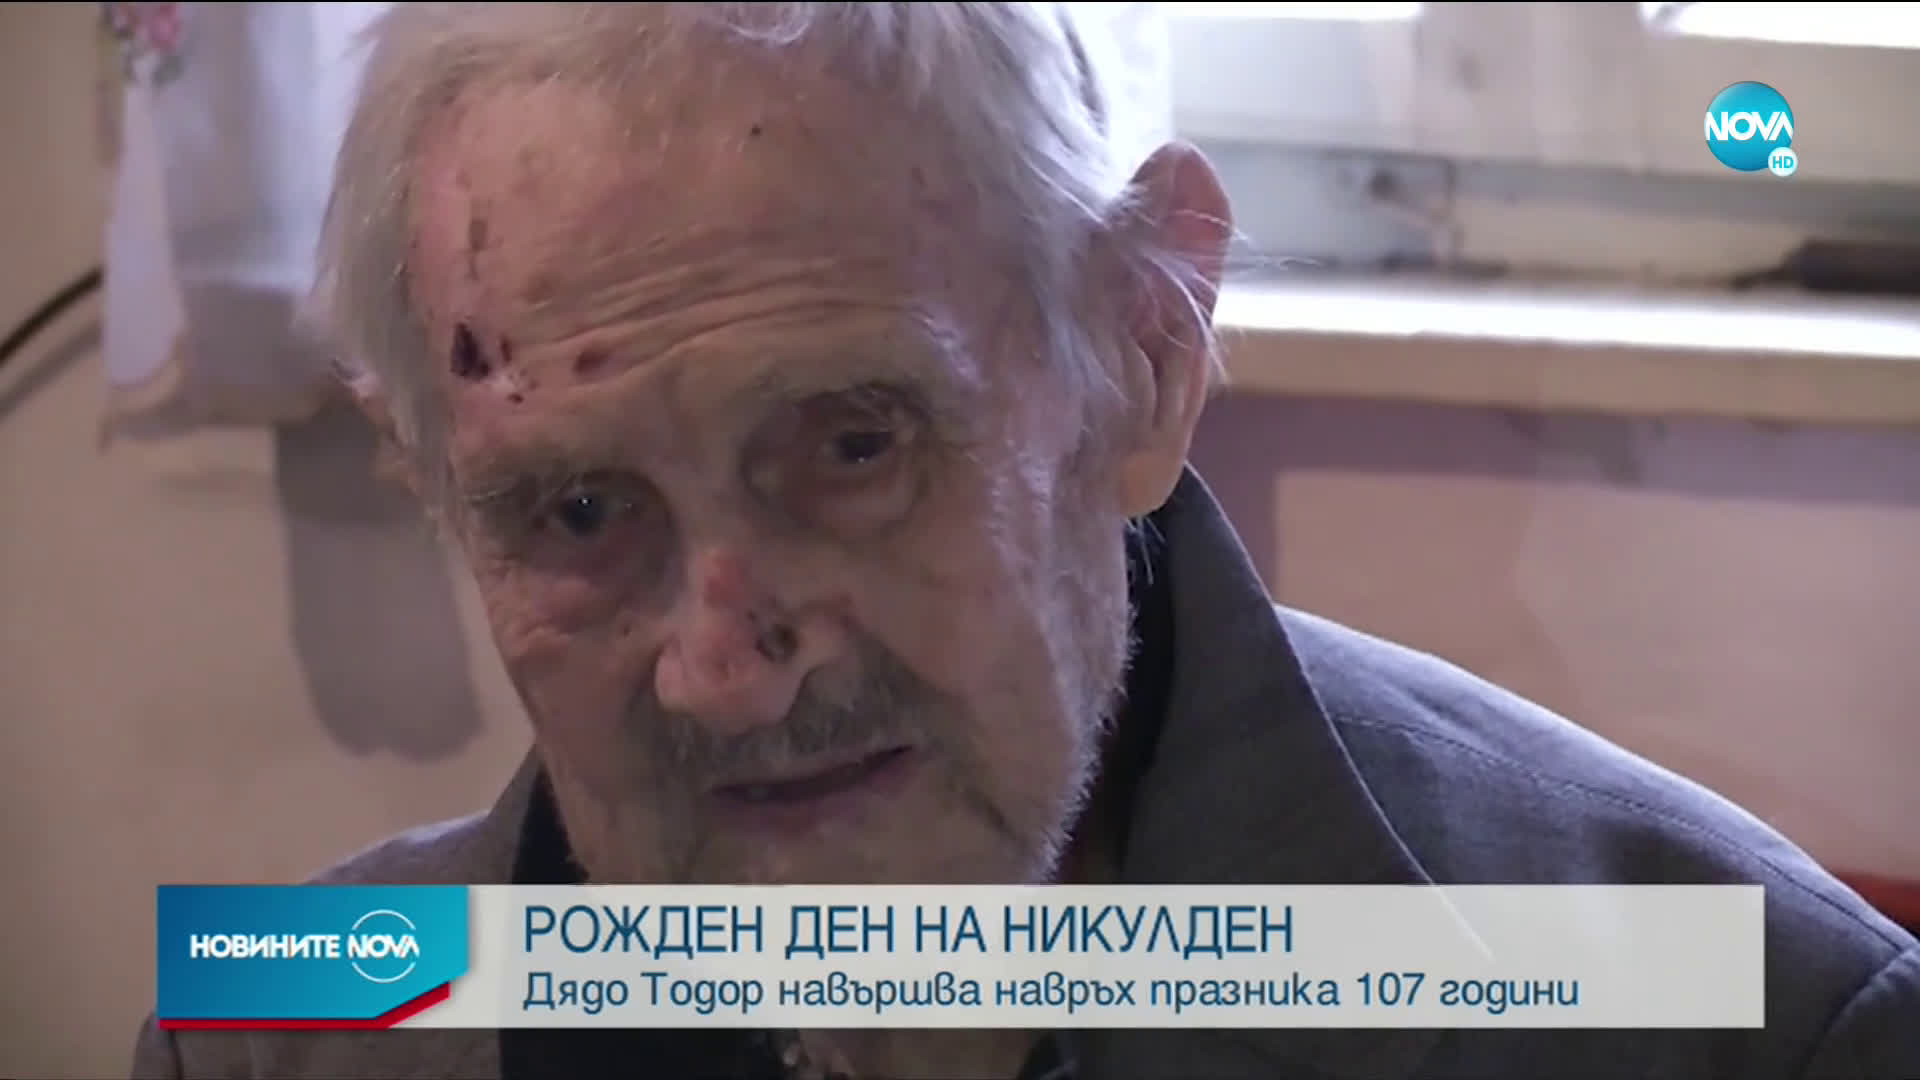 Дядо Тодор навършва 107 години навръх Никулден